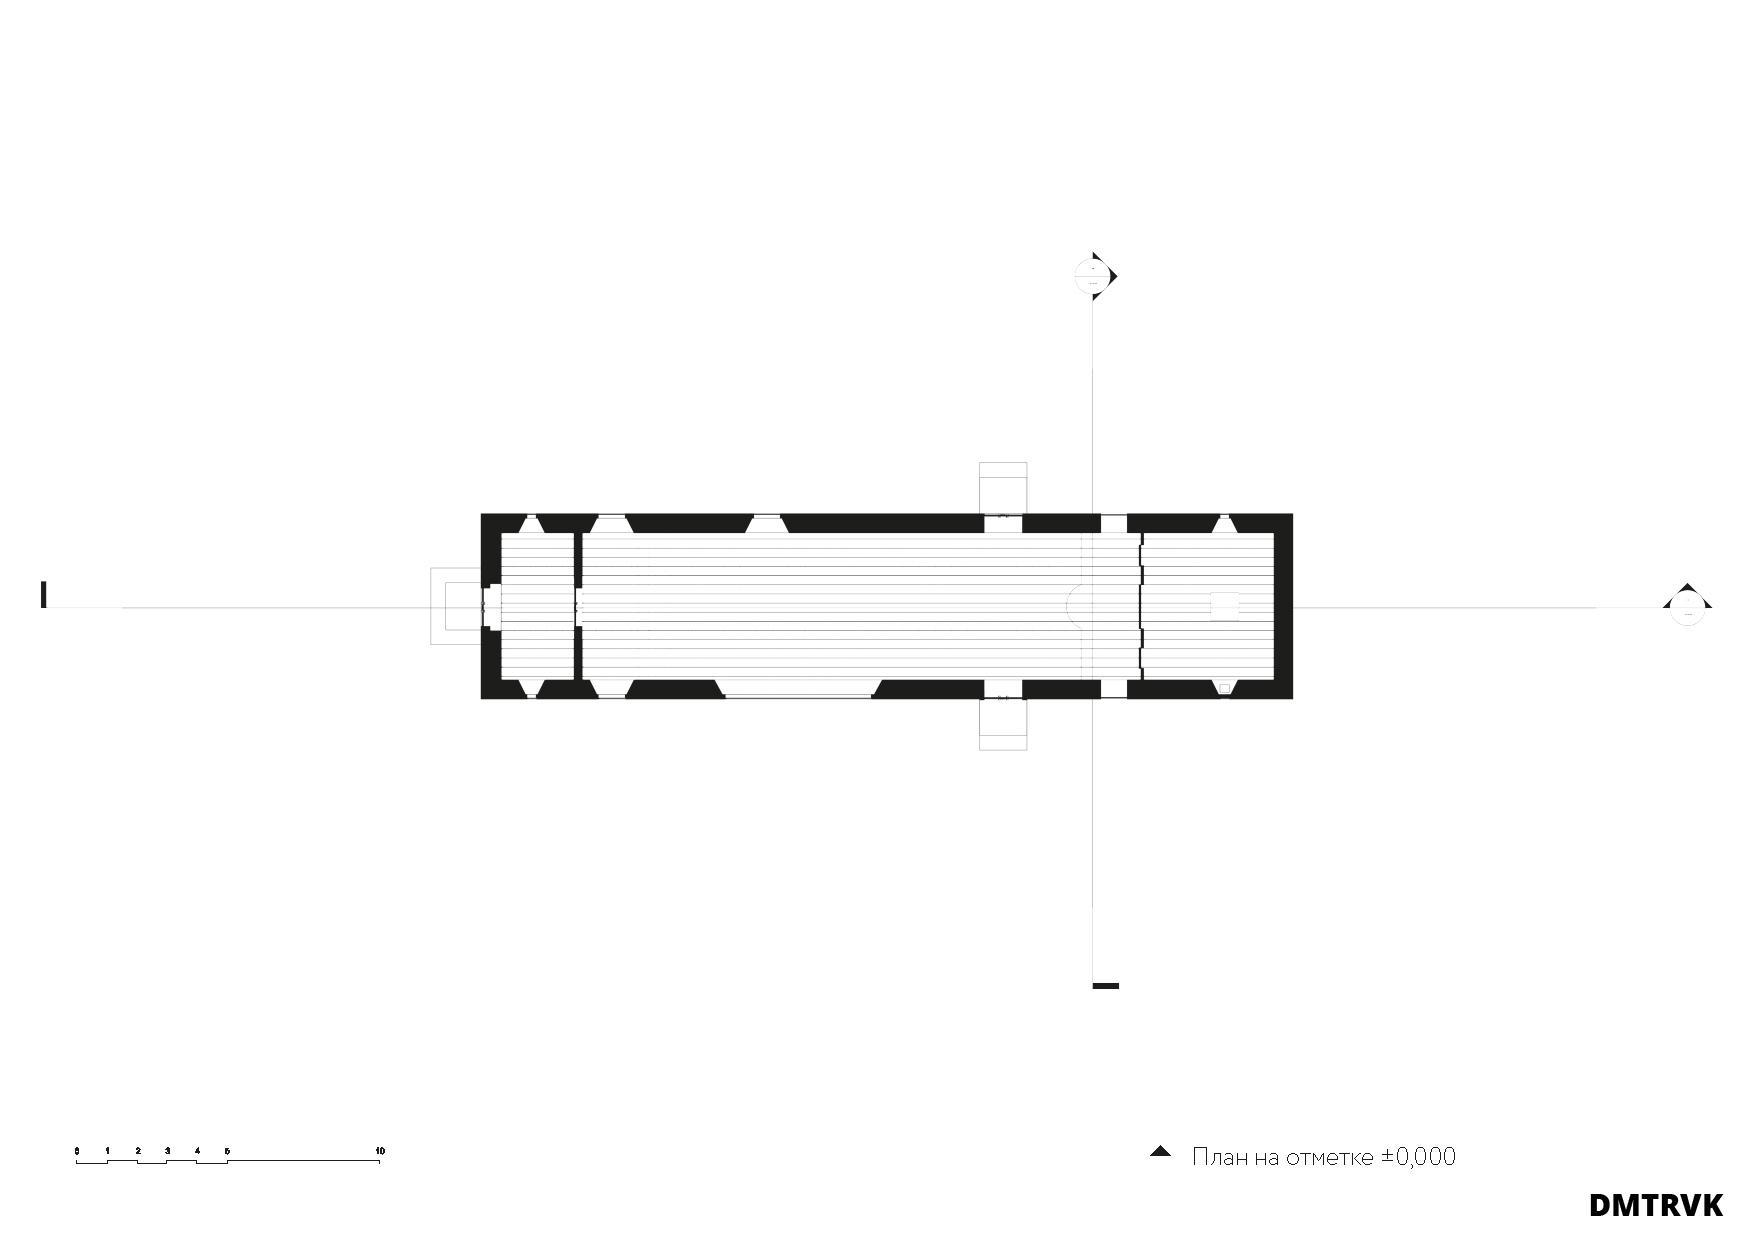 Концепция храма на 170 молящихся. Схема планов. ©DMTRVK.RU